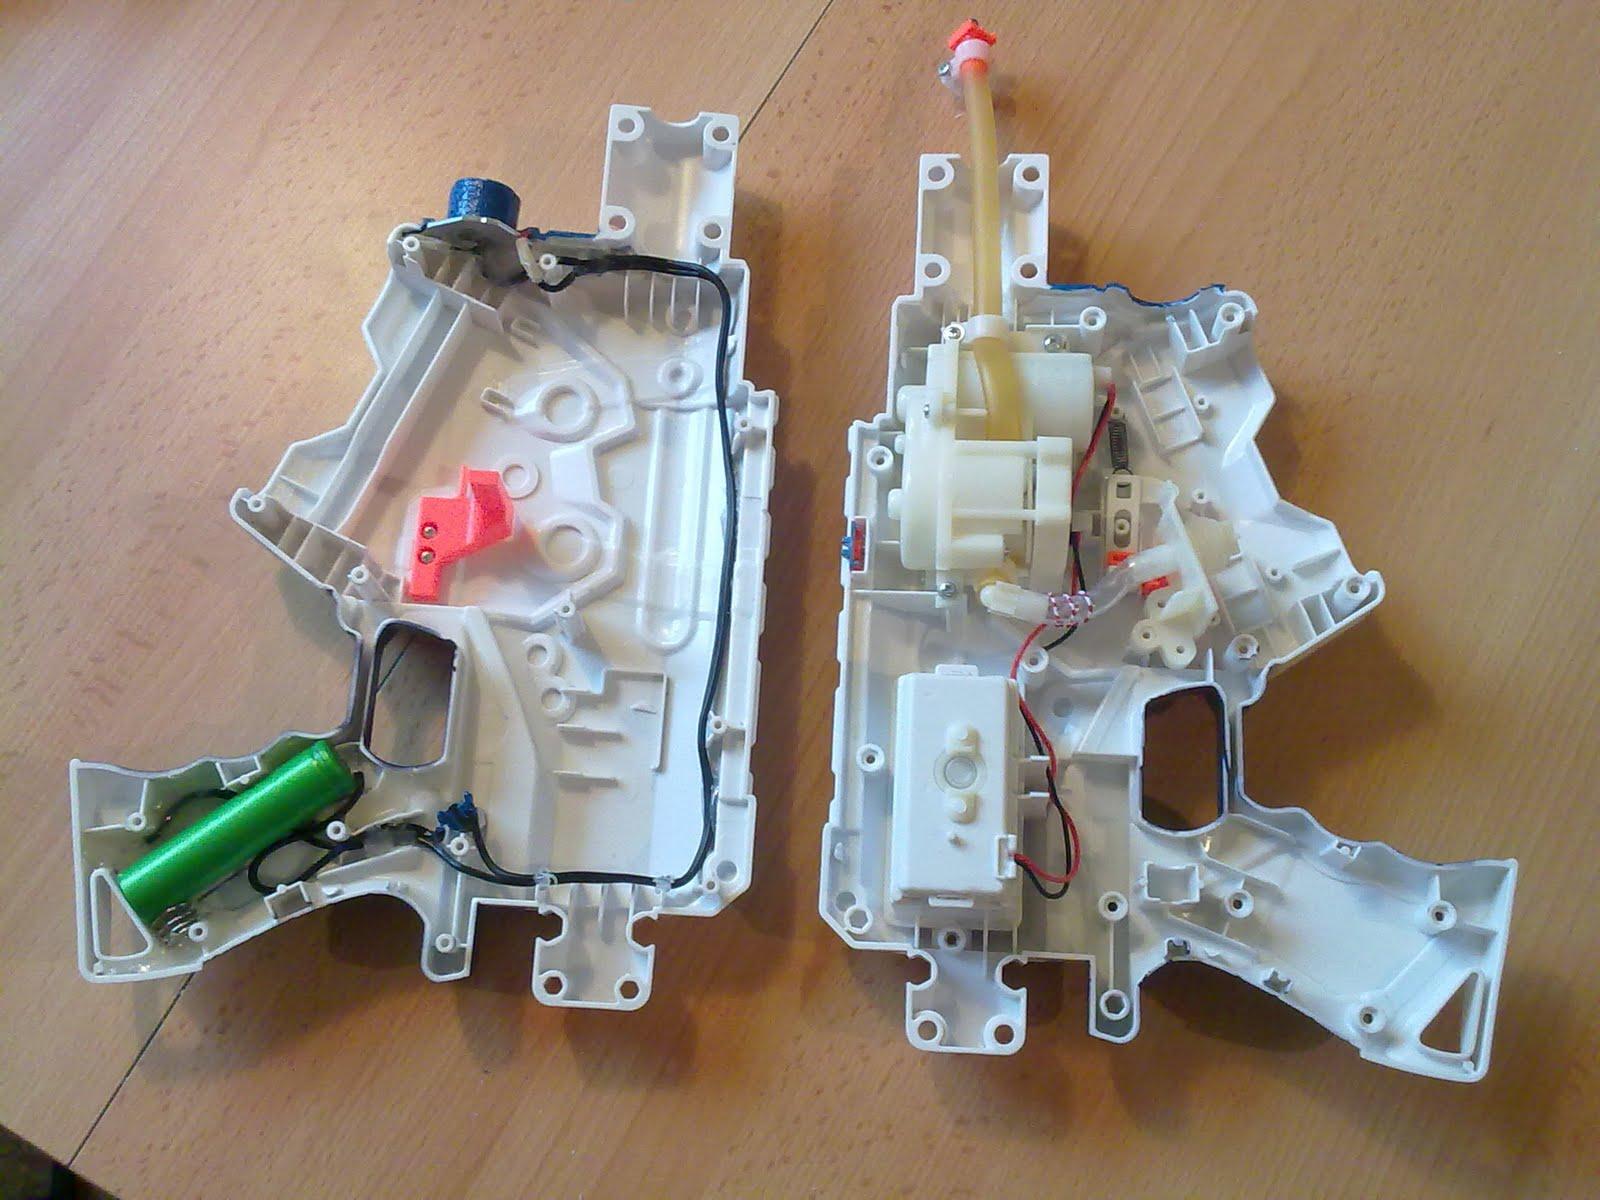 Thunderstorm marine mod anschluss led lampe eine lithium ionen batterie aus einen notebook akku ist im griffstck platziert ber den taster kann die led in der front eingeschaltet parisarafo Choice Image